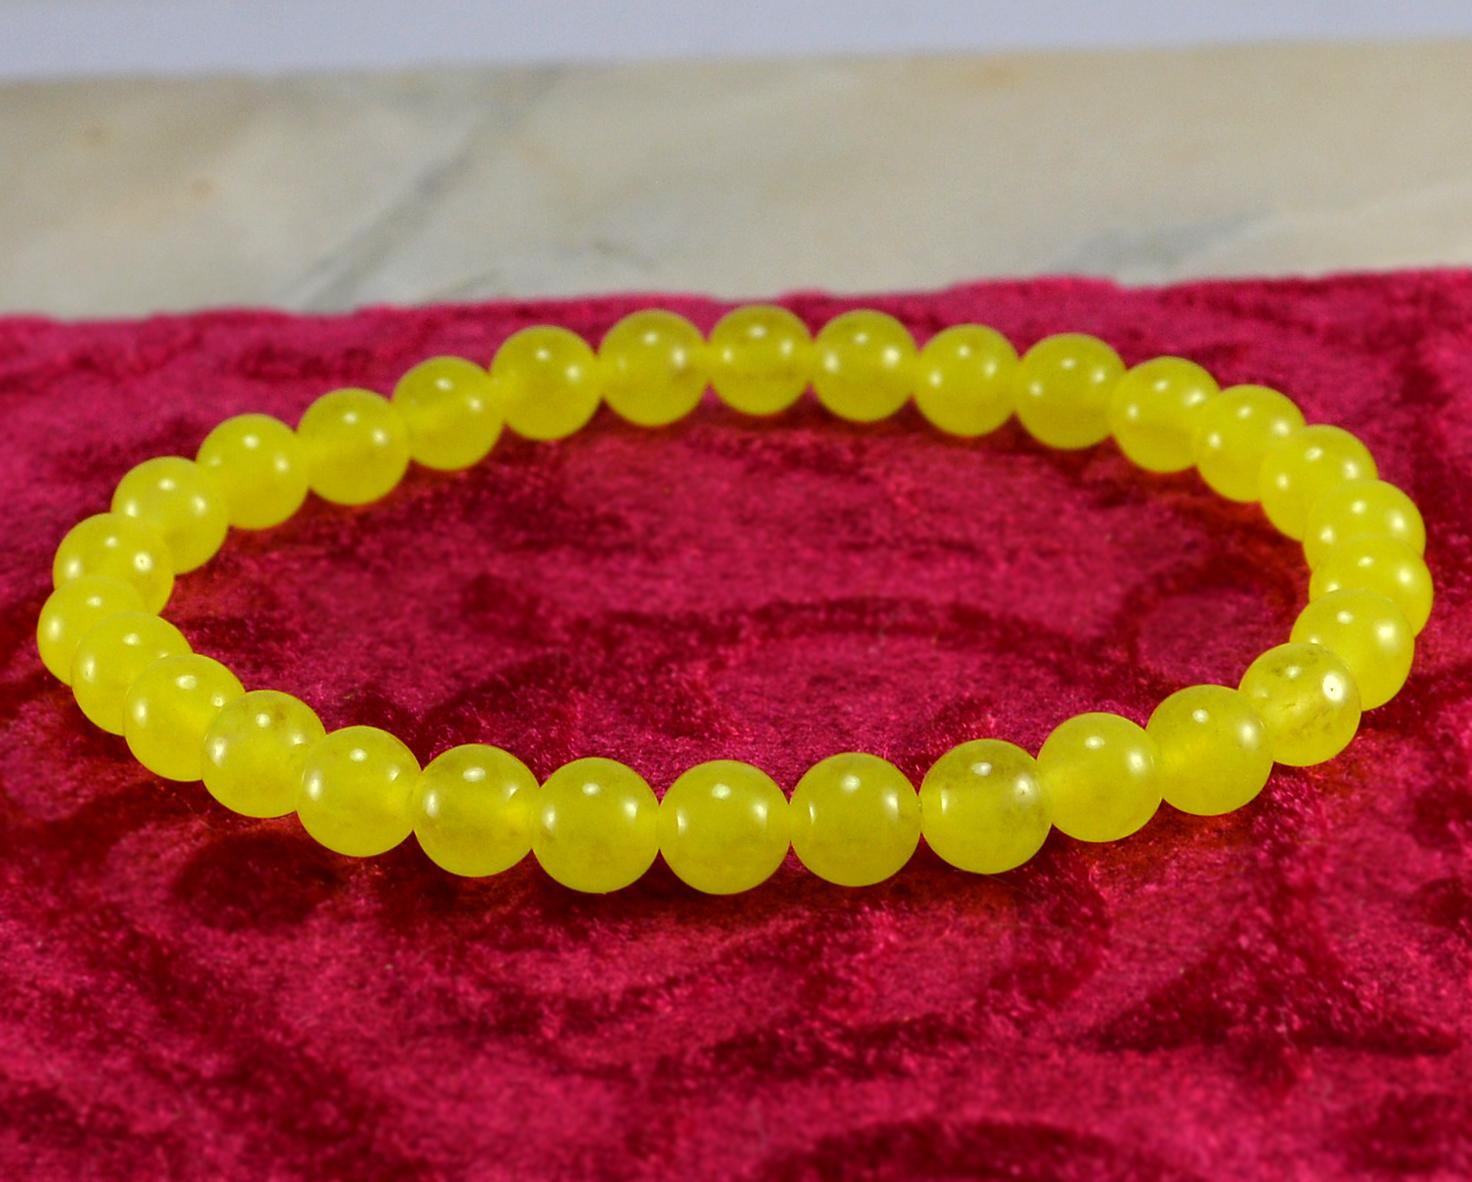 Round Beaded Yellow Quartz Handmade Jewelry Manufacturer Layering, 6mm Round, Healing Bracelet Jaipur Rajasthan India